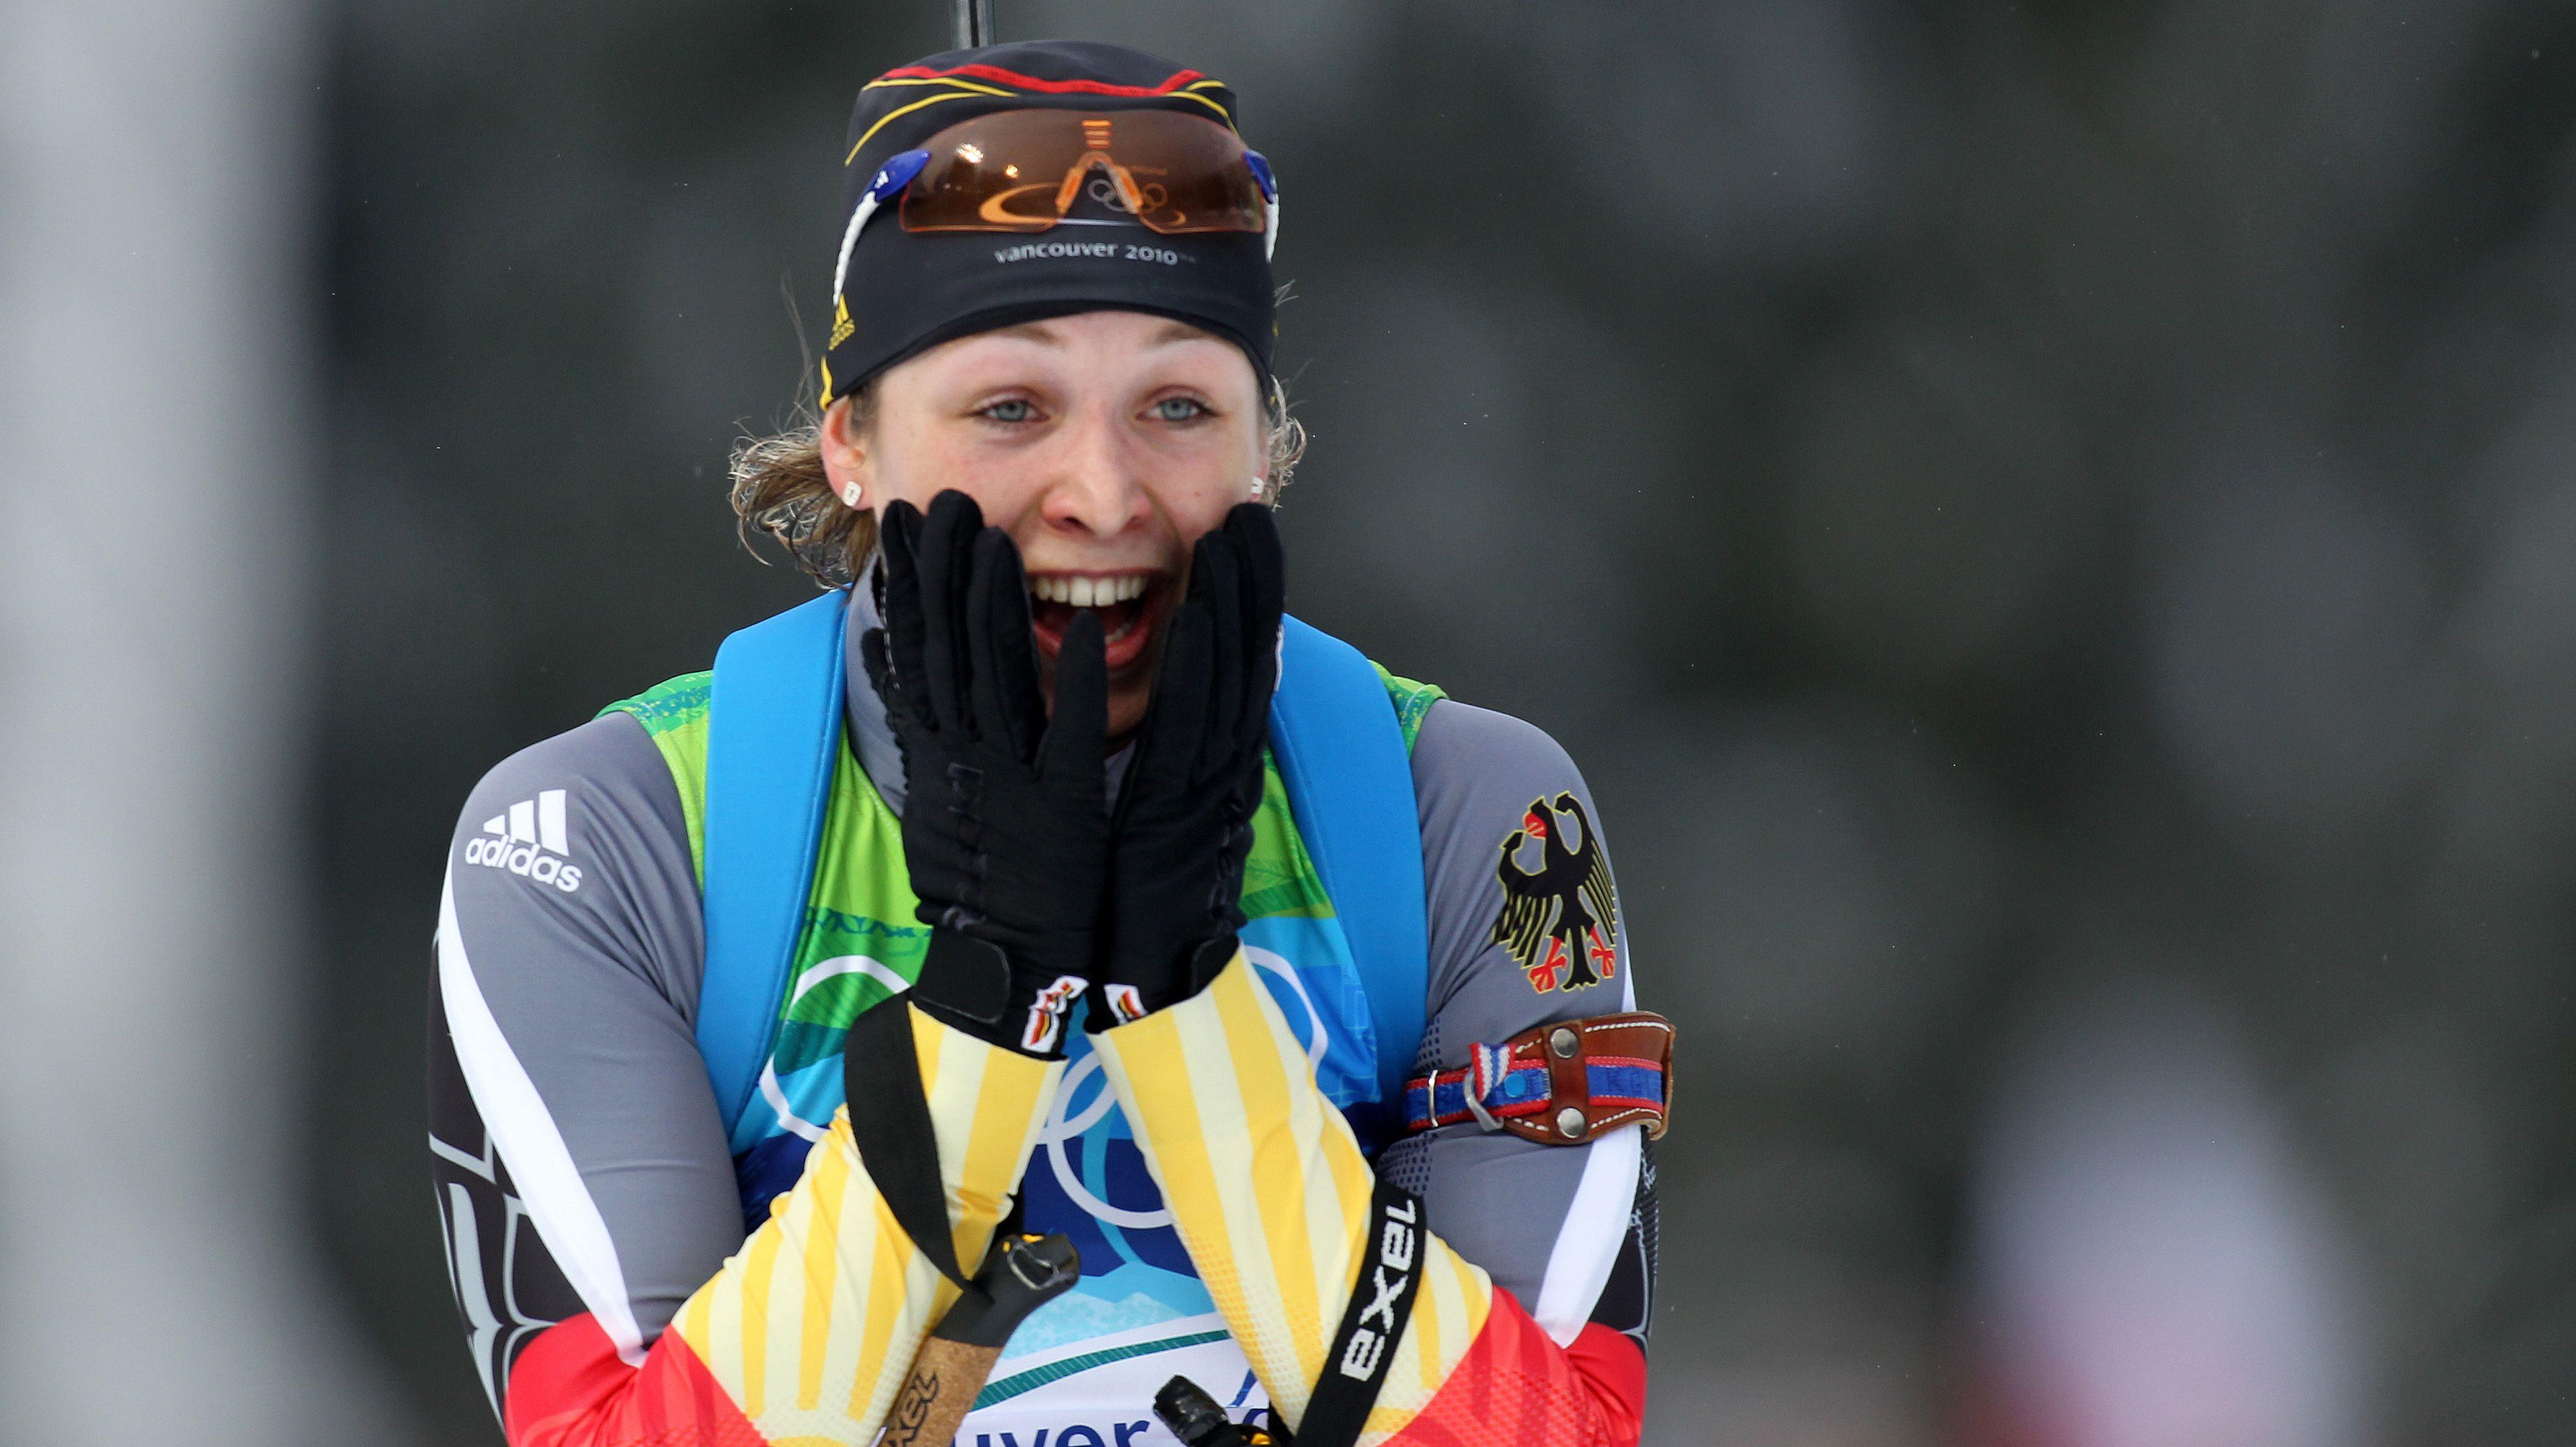 Magdalena Neuner beim Zieleinlauf zu Olympischen Gold im Verfolgungsrennen 2010 in Vancouver